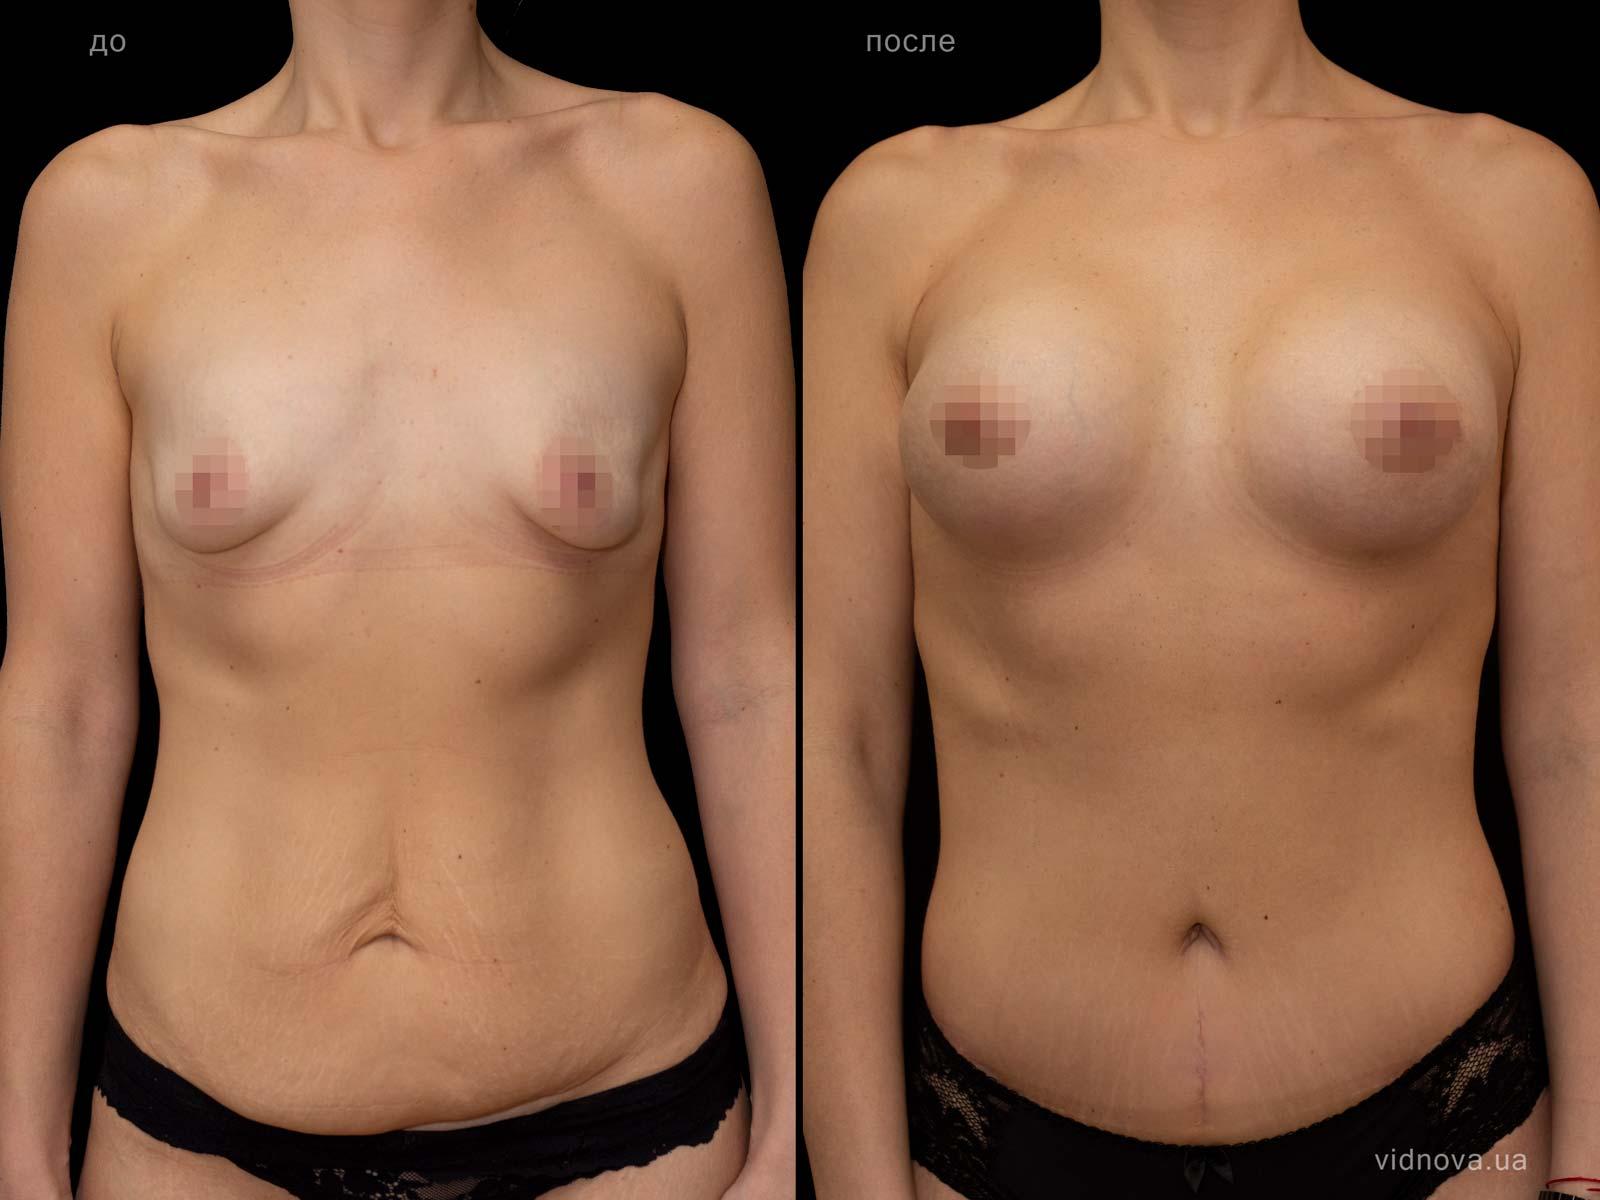 Пластика груди: результаты до и после - Пример №97-1 - Светлана Работенко